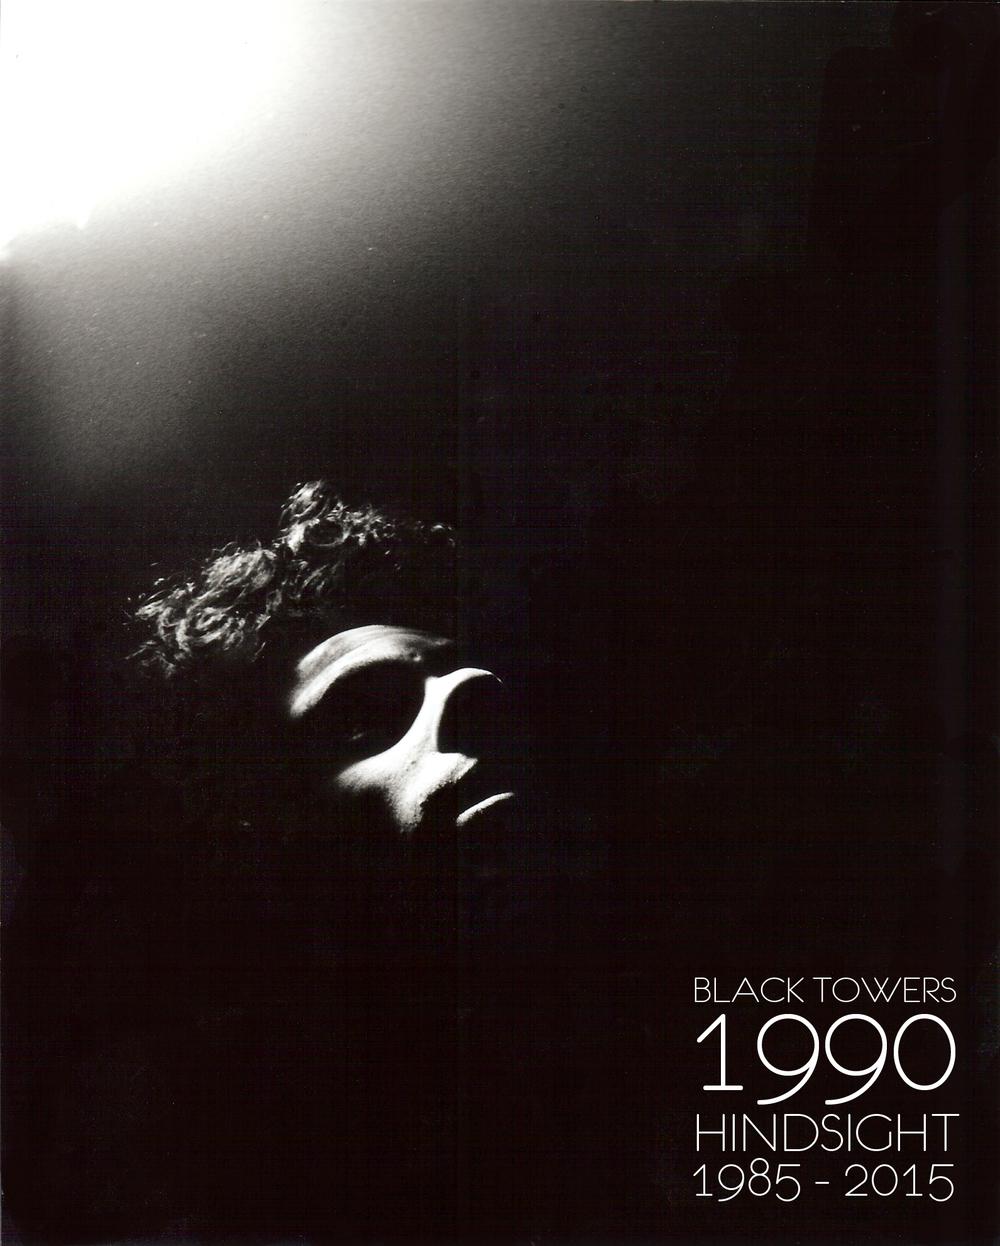 BT 1990 - Andrew Sinister.jpg